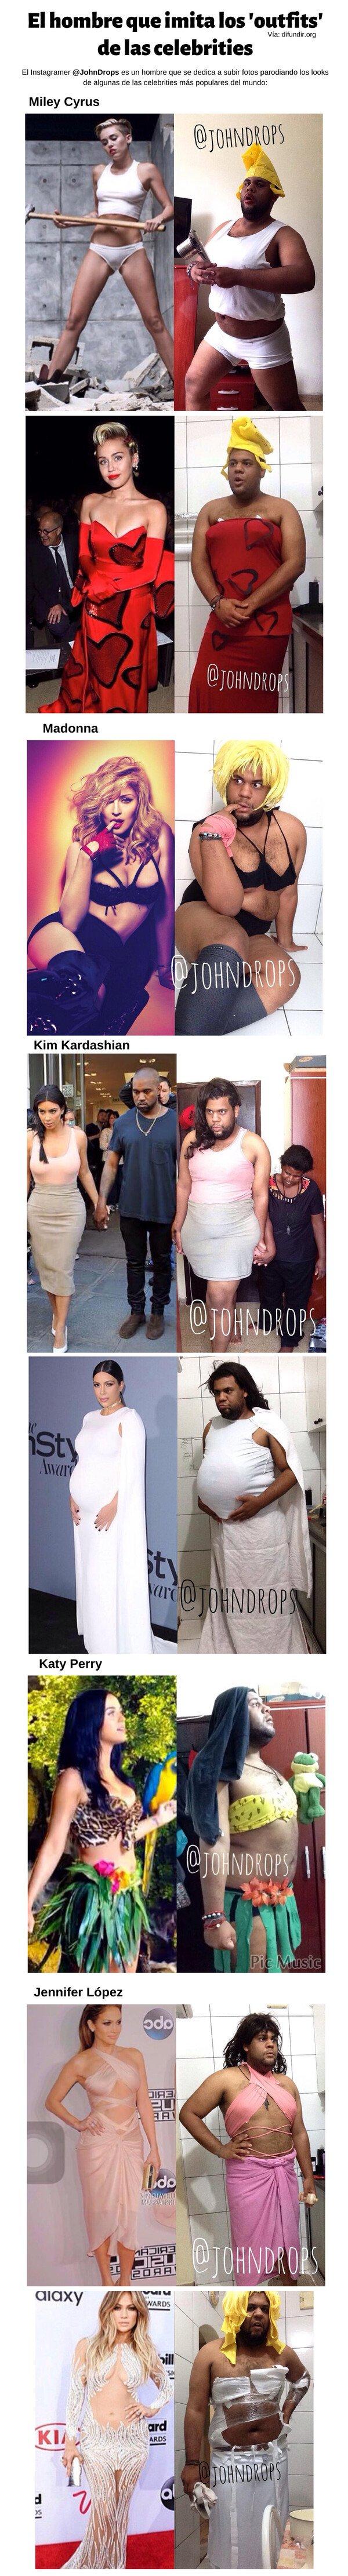 Meme_otros - El hombre que imita que los 'outfits' de las celebrities